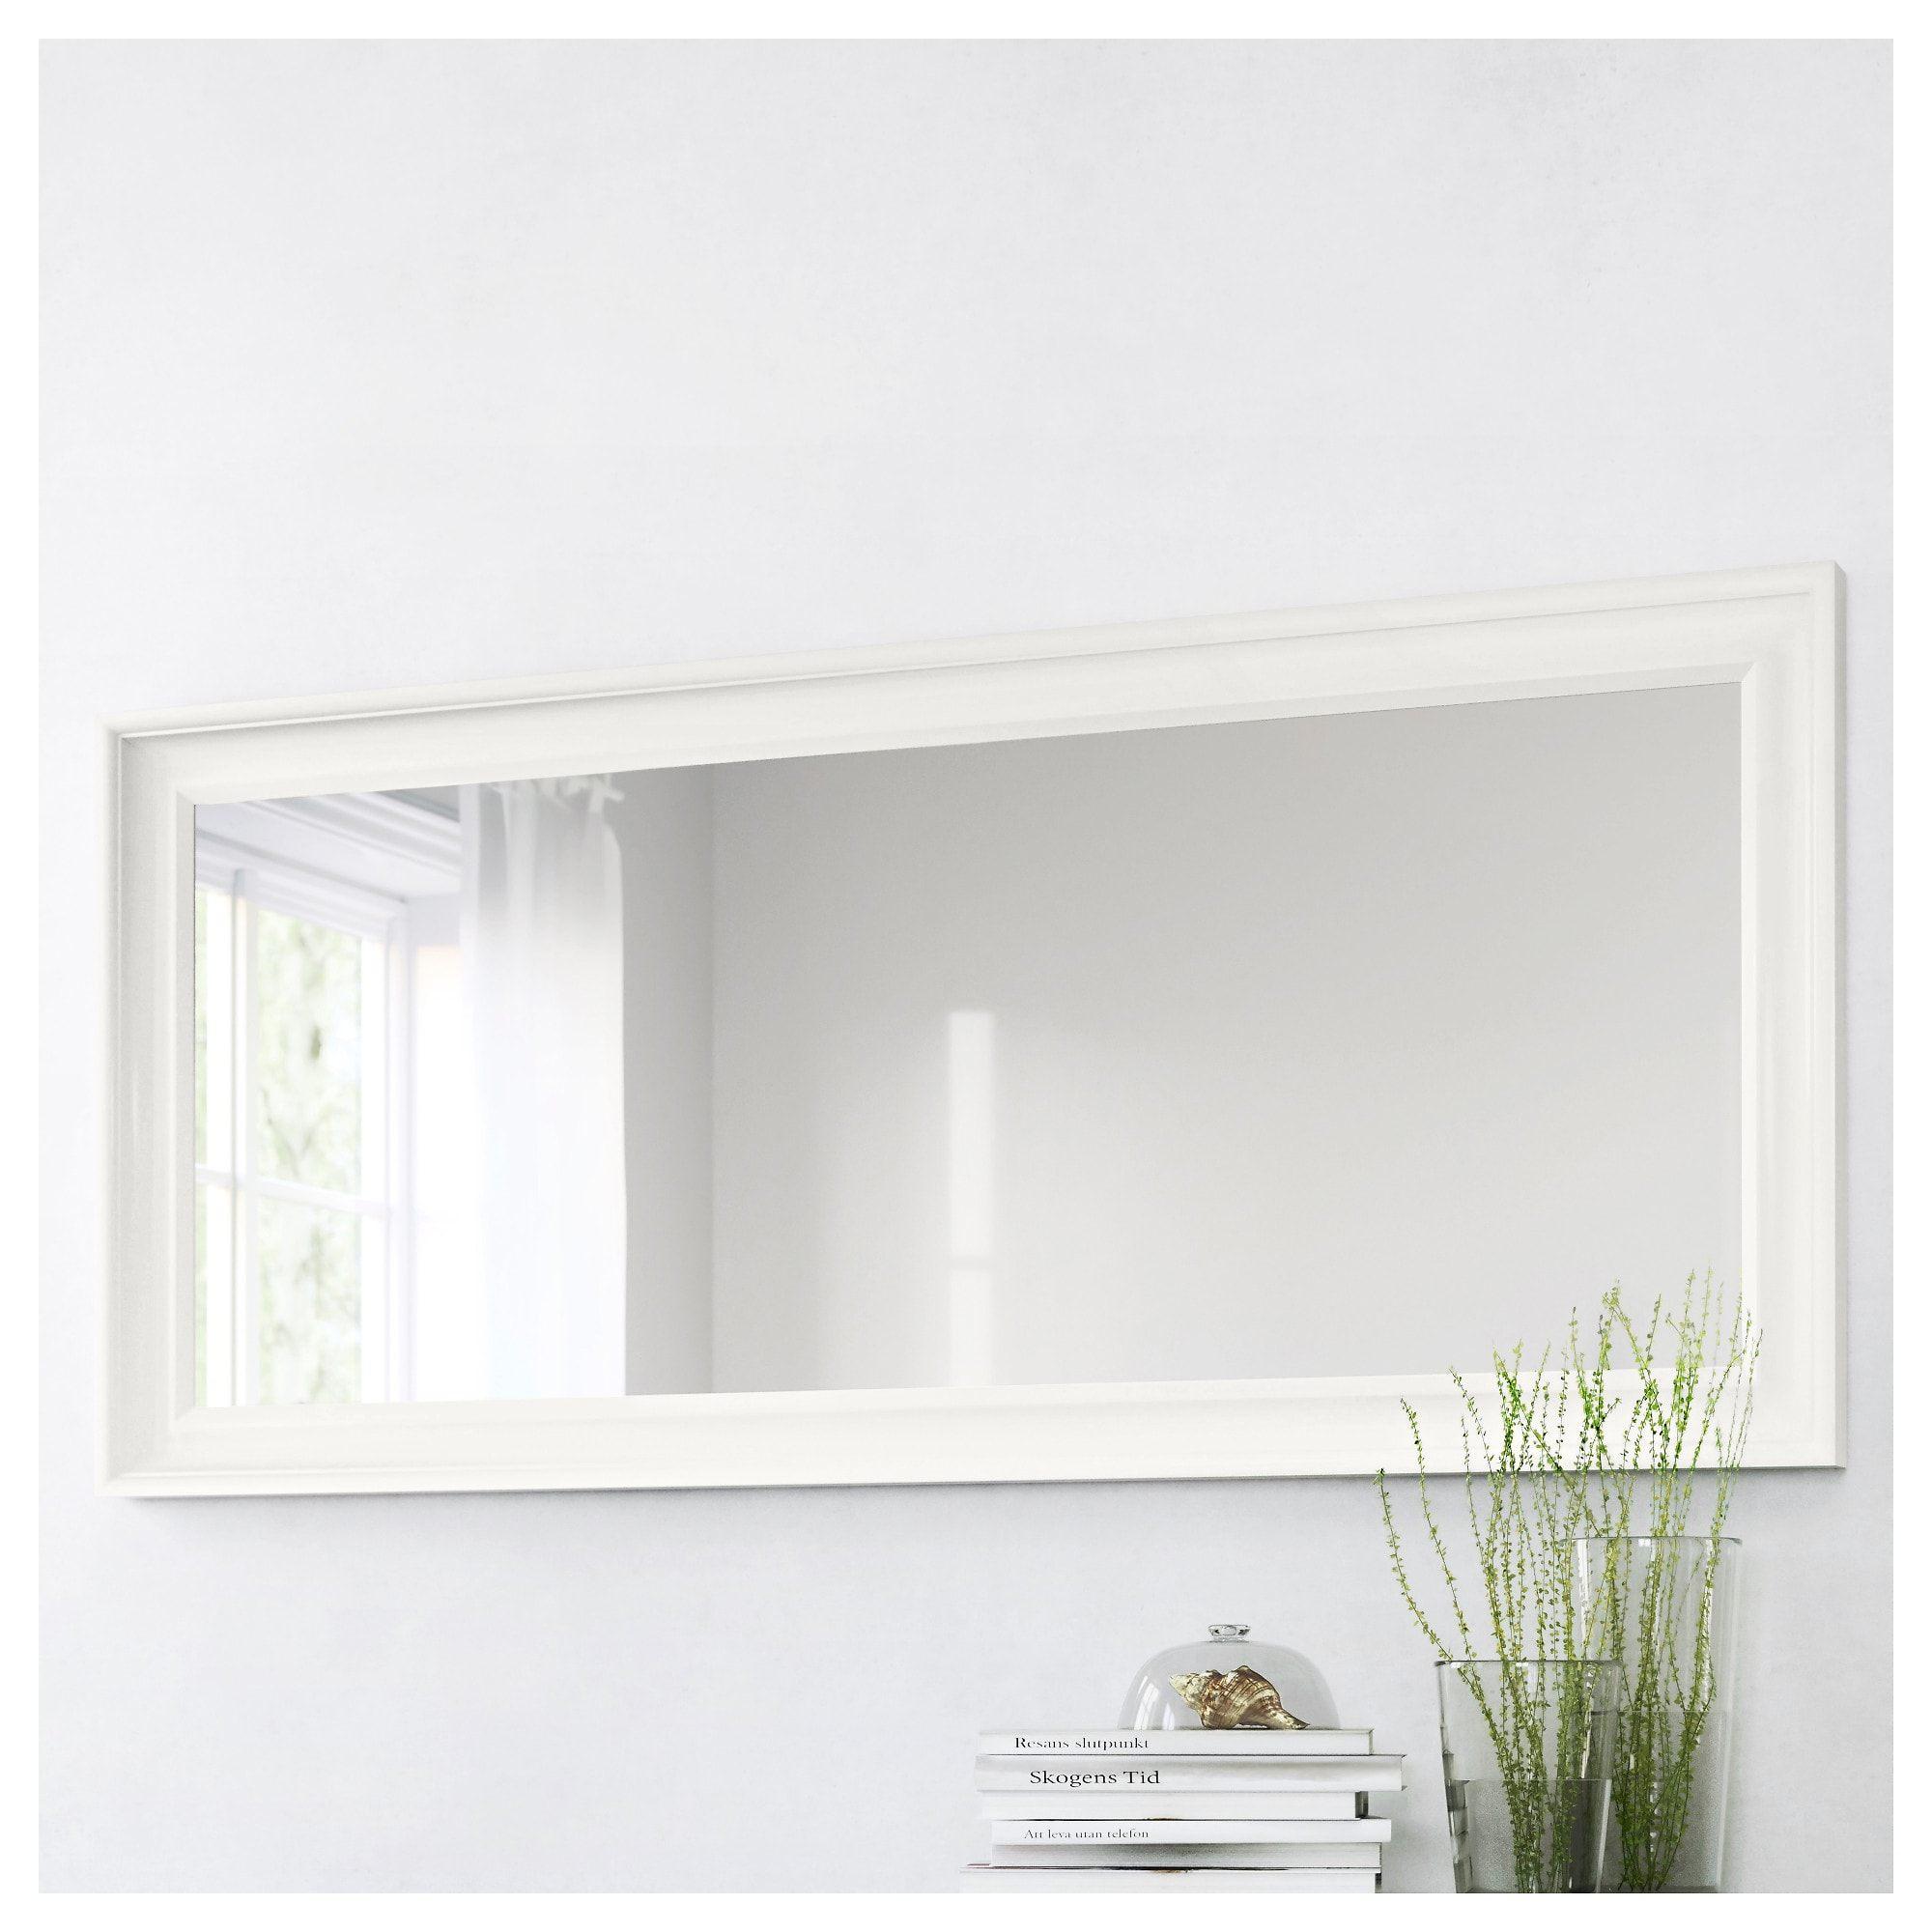 Lit Ikea 140×200 Unique Ikea Lit Hemnes Hemnes Mirror White 74 X 165 Cm Ikea